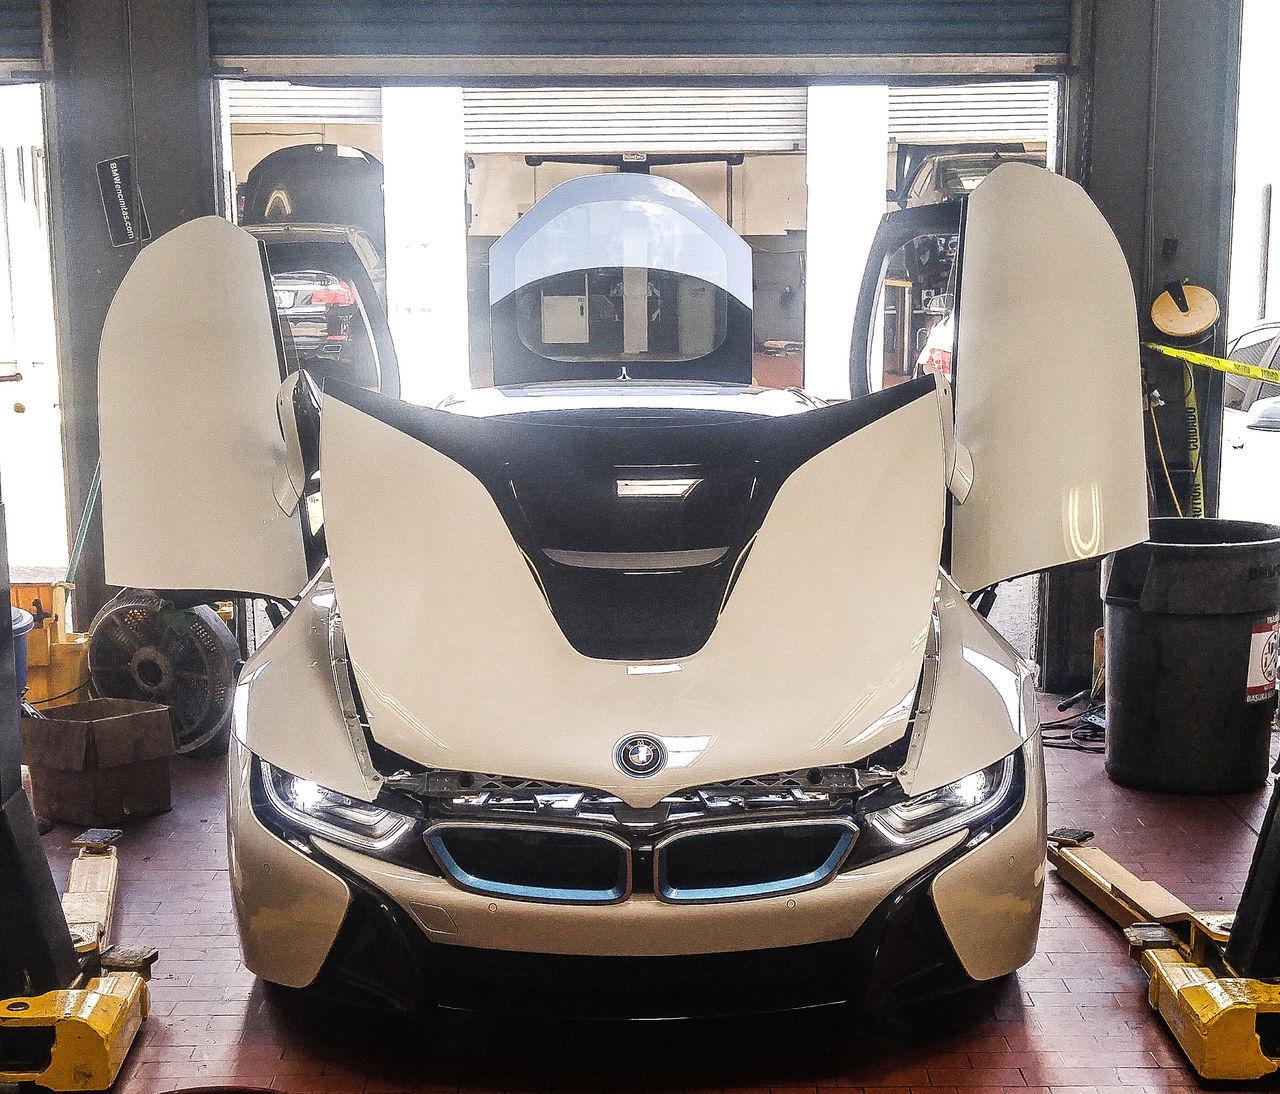 Bmw Bmw I ♥ It BMW I8 Electric Vehicle Ev Sports Car